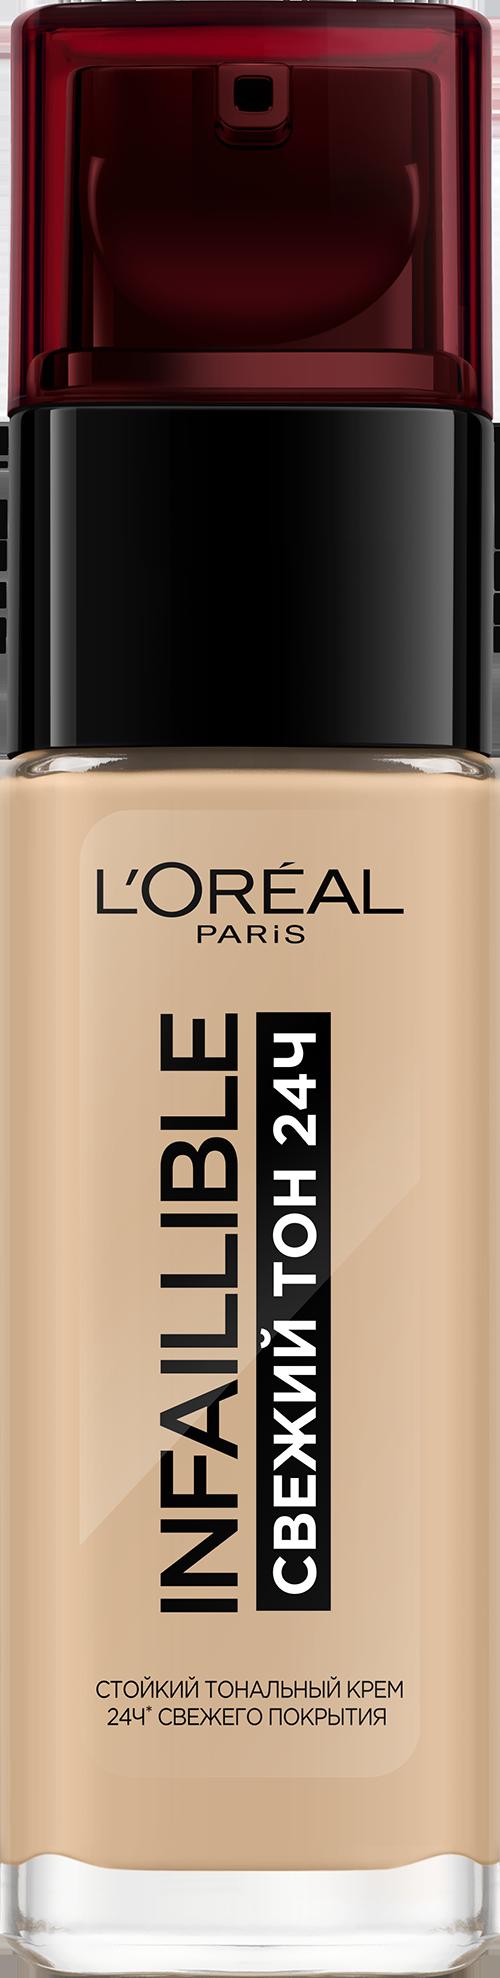 Тональный крем L'Oreal Paris Infallible 24h Stay Fresh Foundation 120 30 мл Ванильный фото